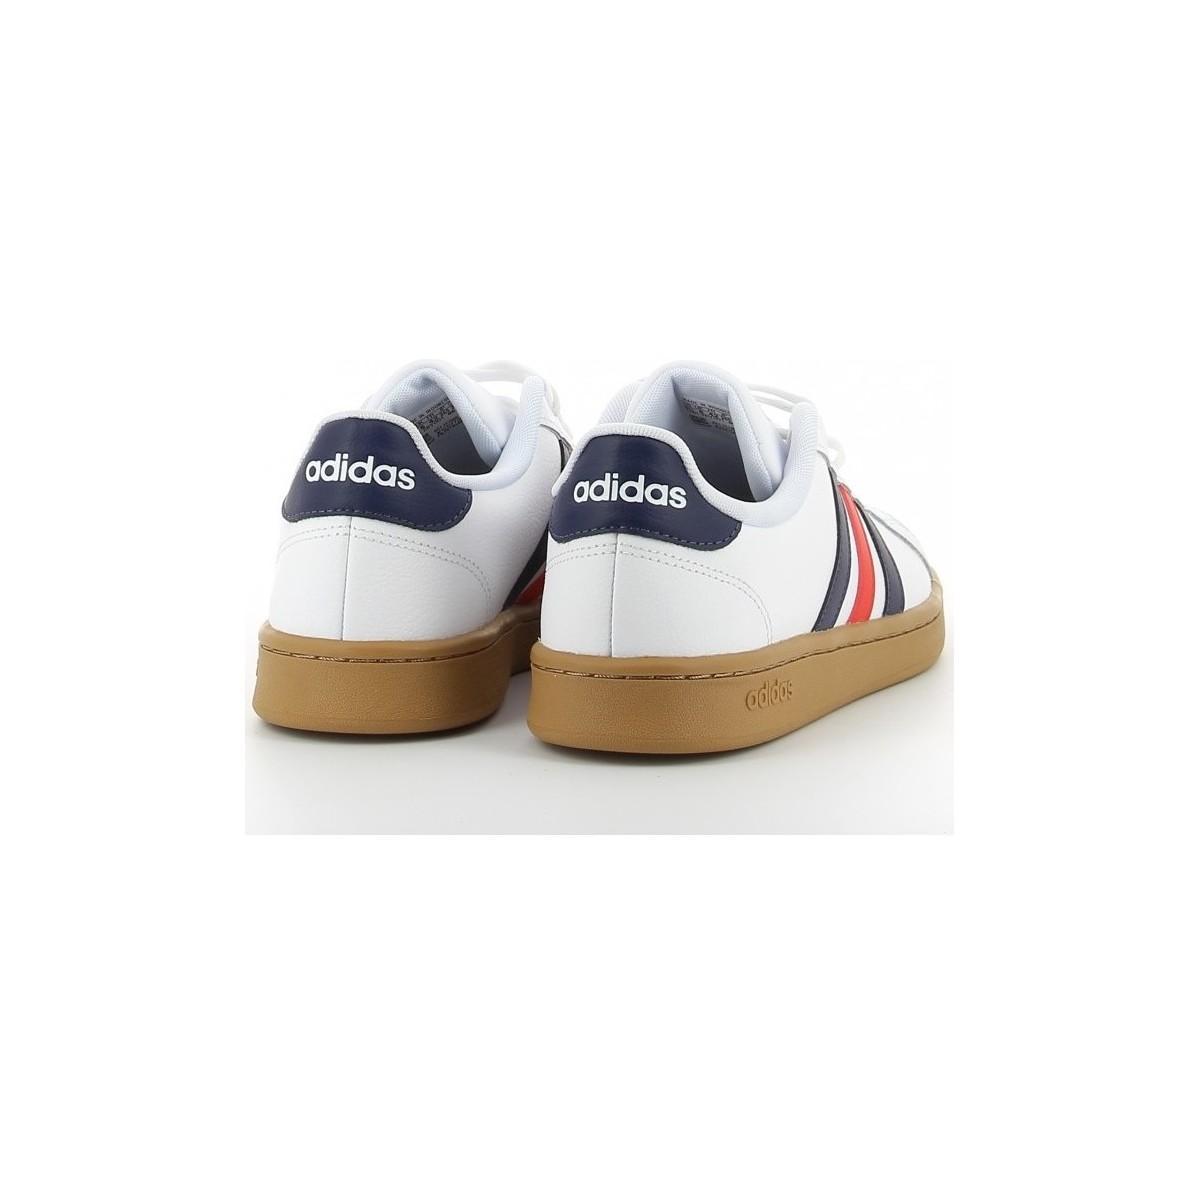 adidas Lage Sneakers Grand Court Blanco in het Wit voor heren